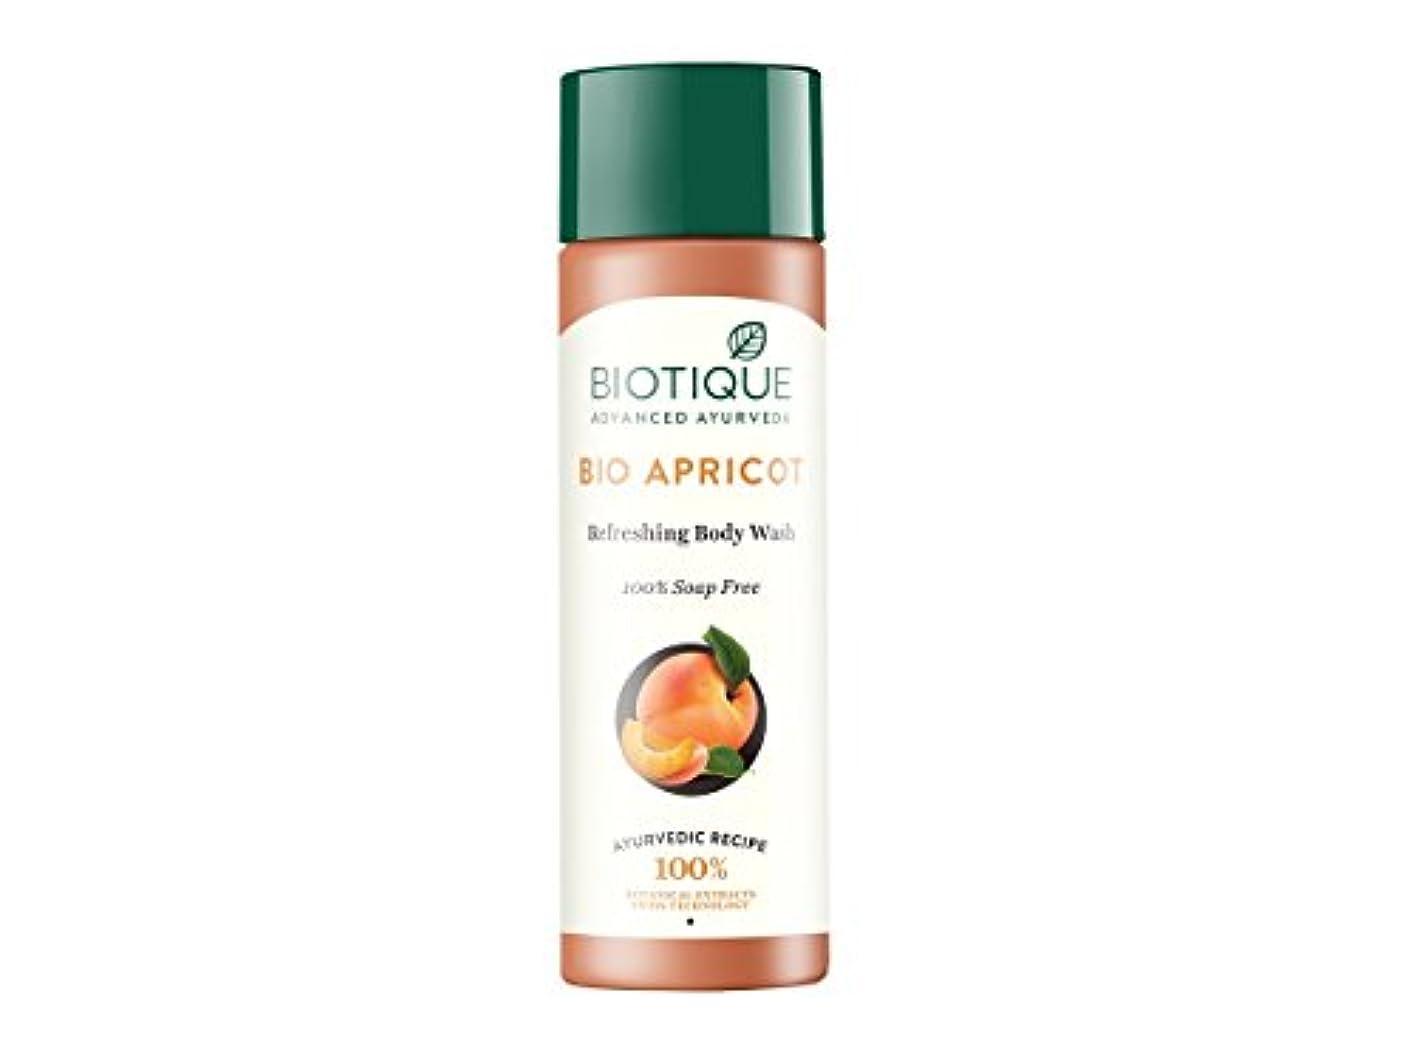 好奇心盛水曜日倍増Biotique Bio Apricot Refreshing Body Wash, 190ml